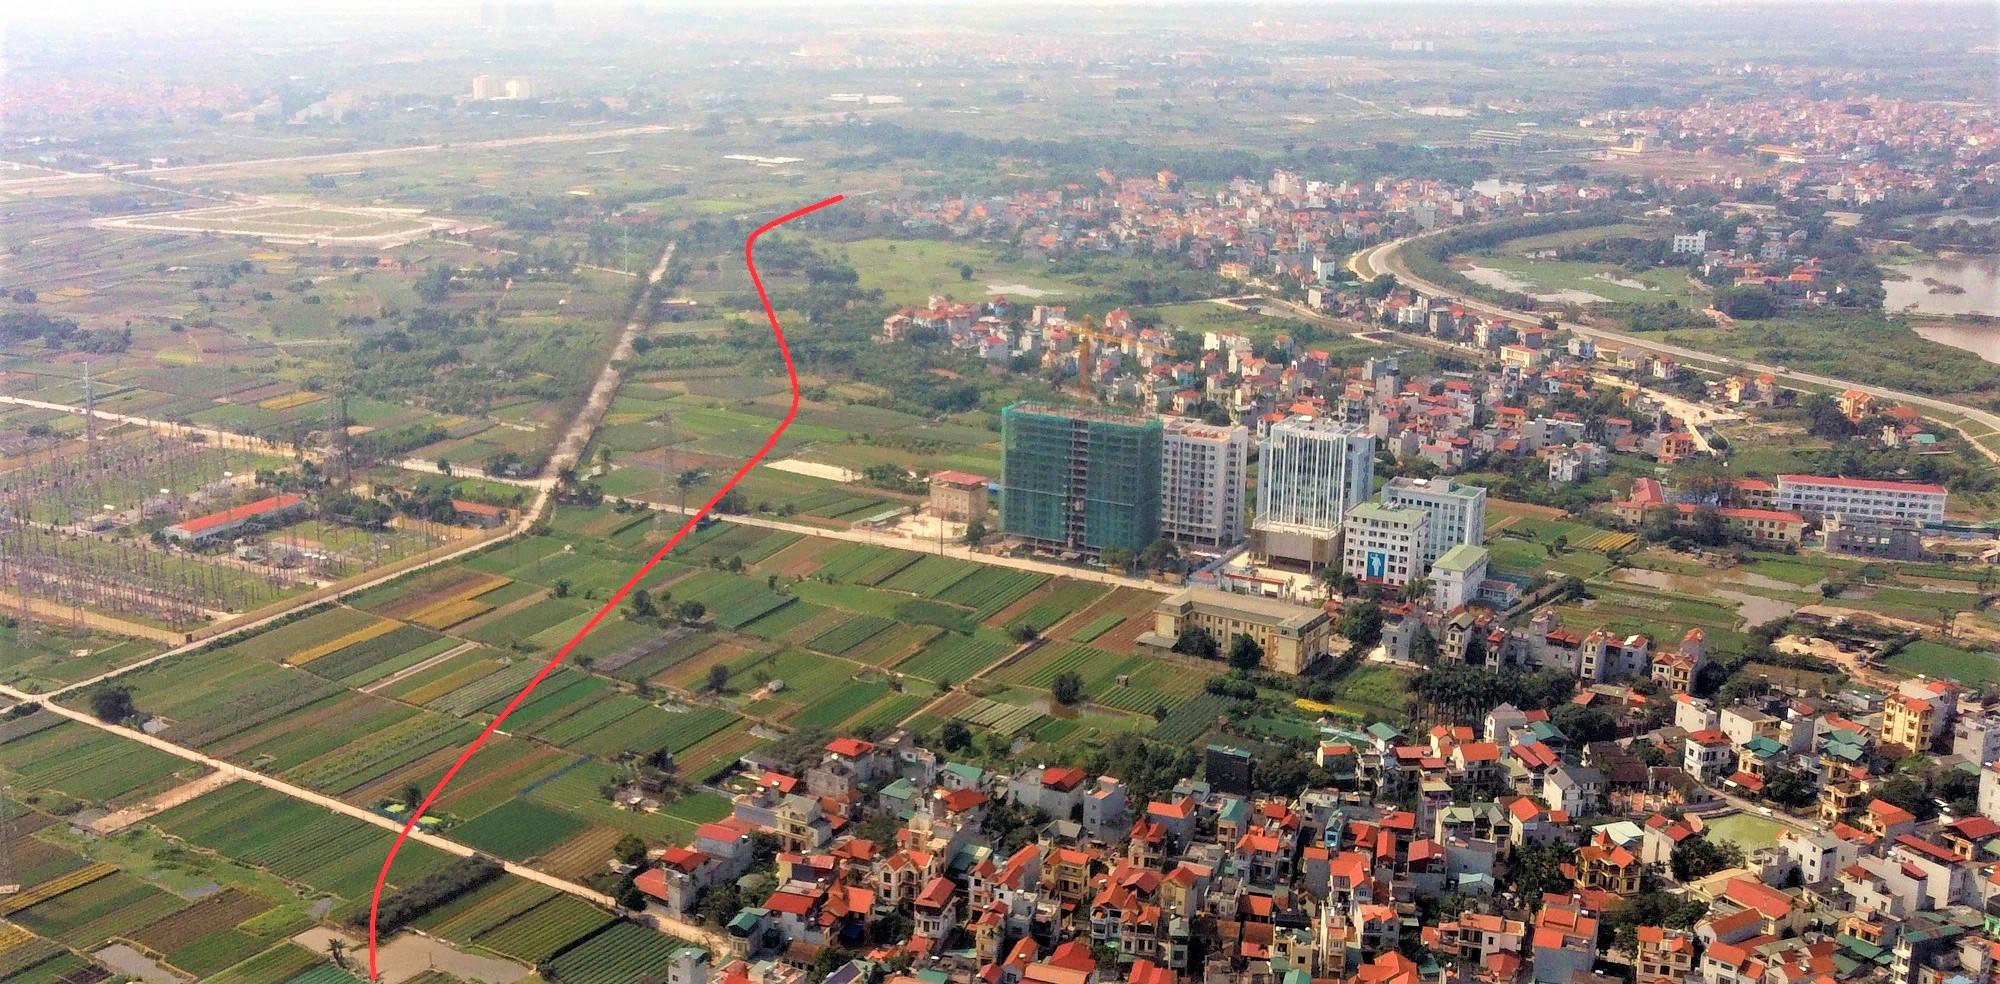 Đấu giá 270 m2 đất tại phường Liên Mạc, quận Bắc Từ Liêm, giá khởi điểm 7,5 tỷ đồng  - Ảnh 1.